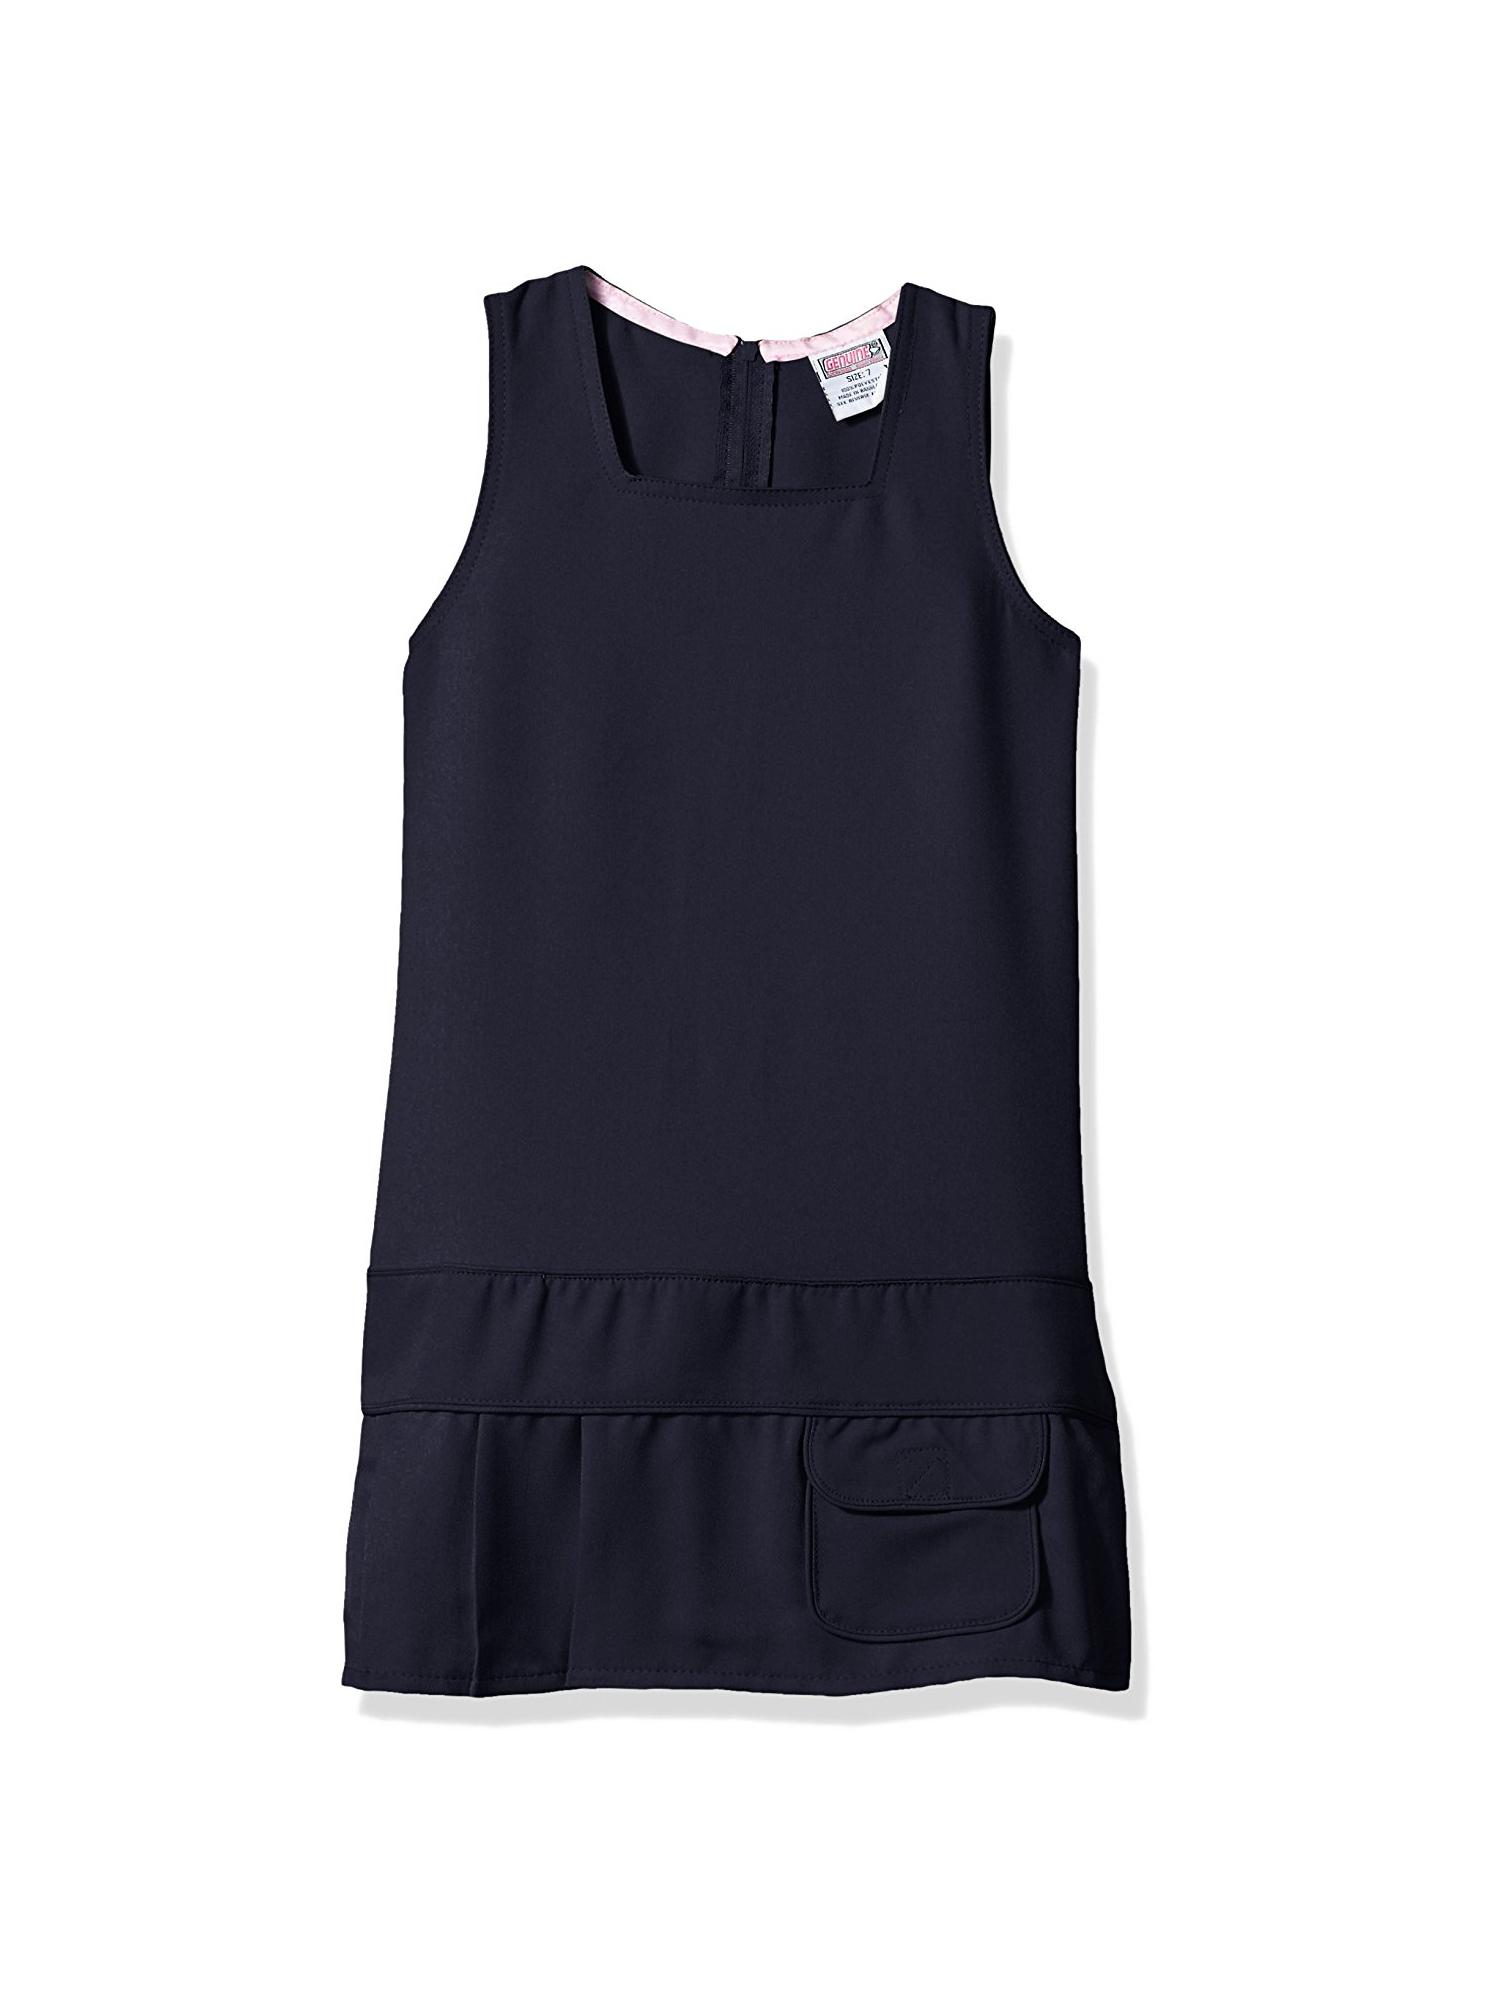 Genuine uniform girls square neck drop waist jumper